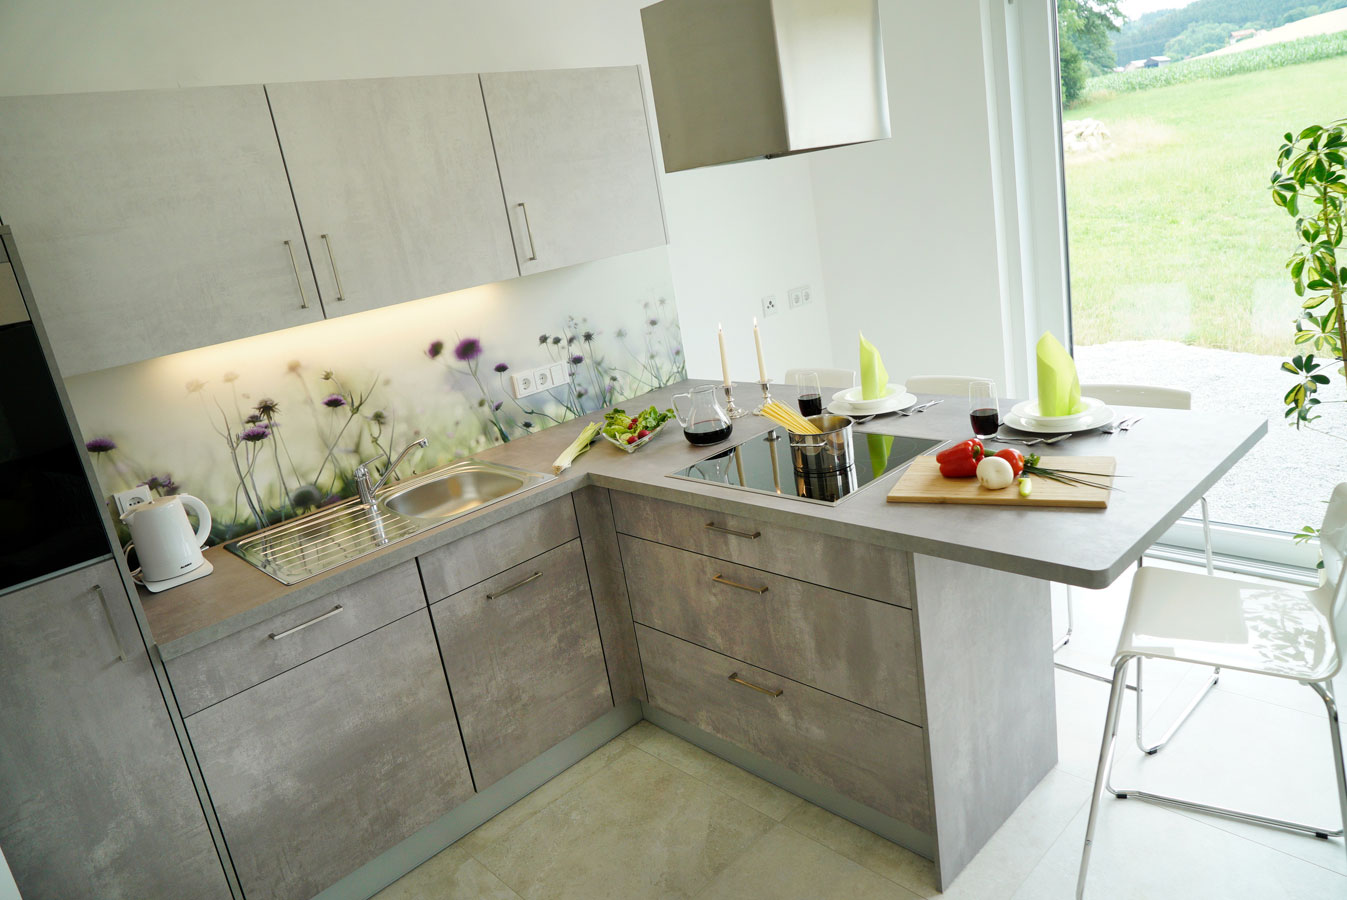 Voll ausgestattete moderene Küche und Panorama Weitblick